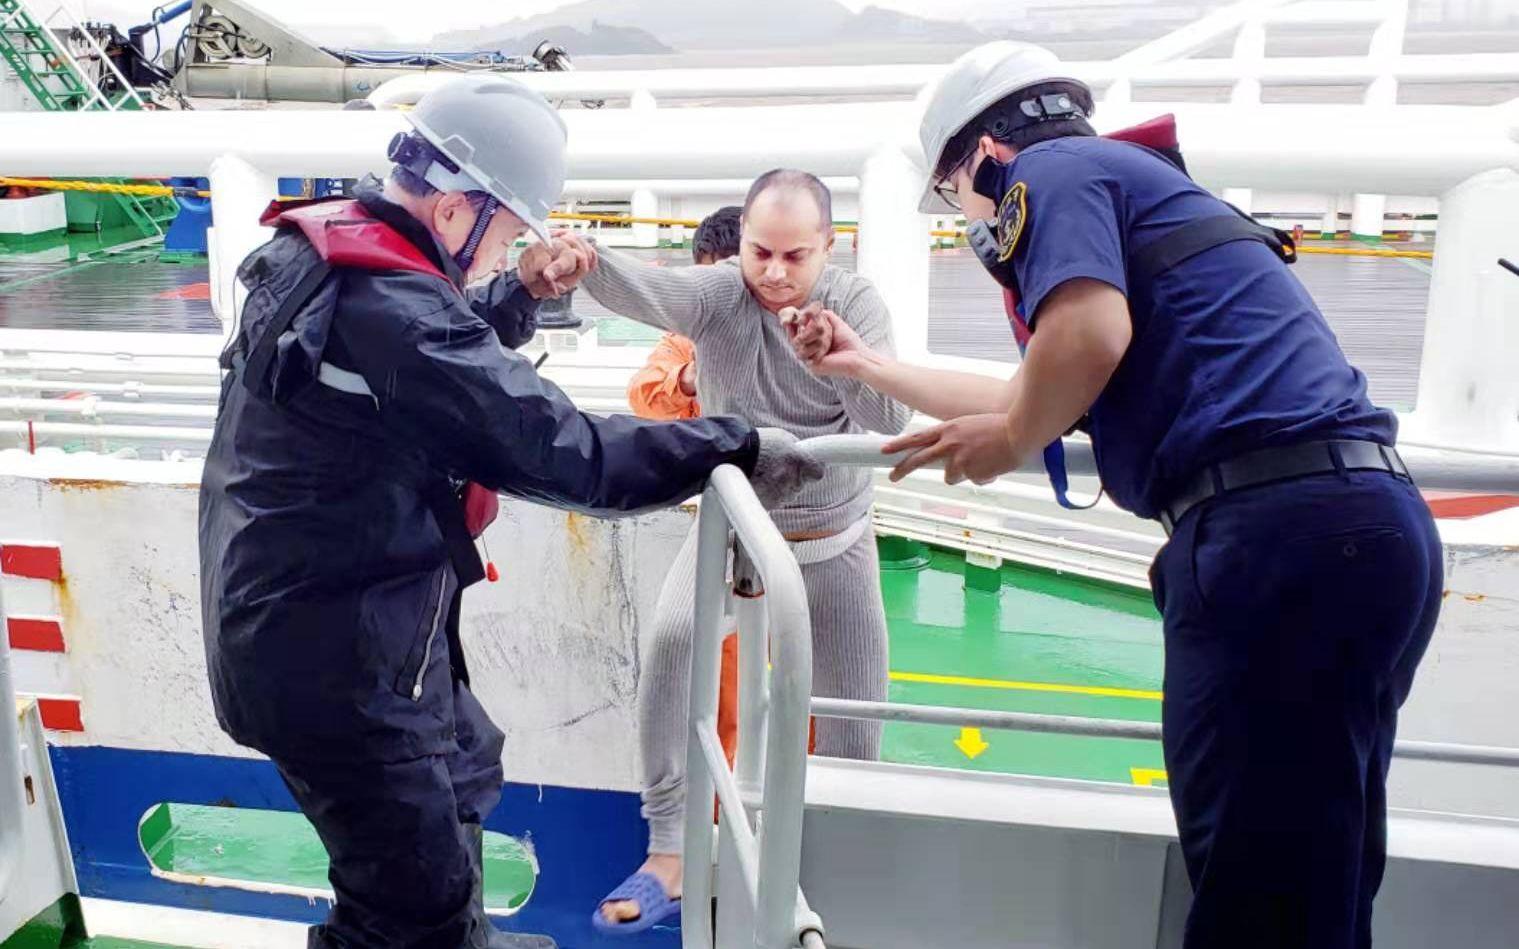 浙江舟山海域一轮船遇险有人落水,15人获救